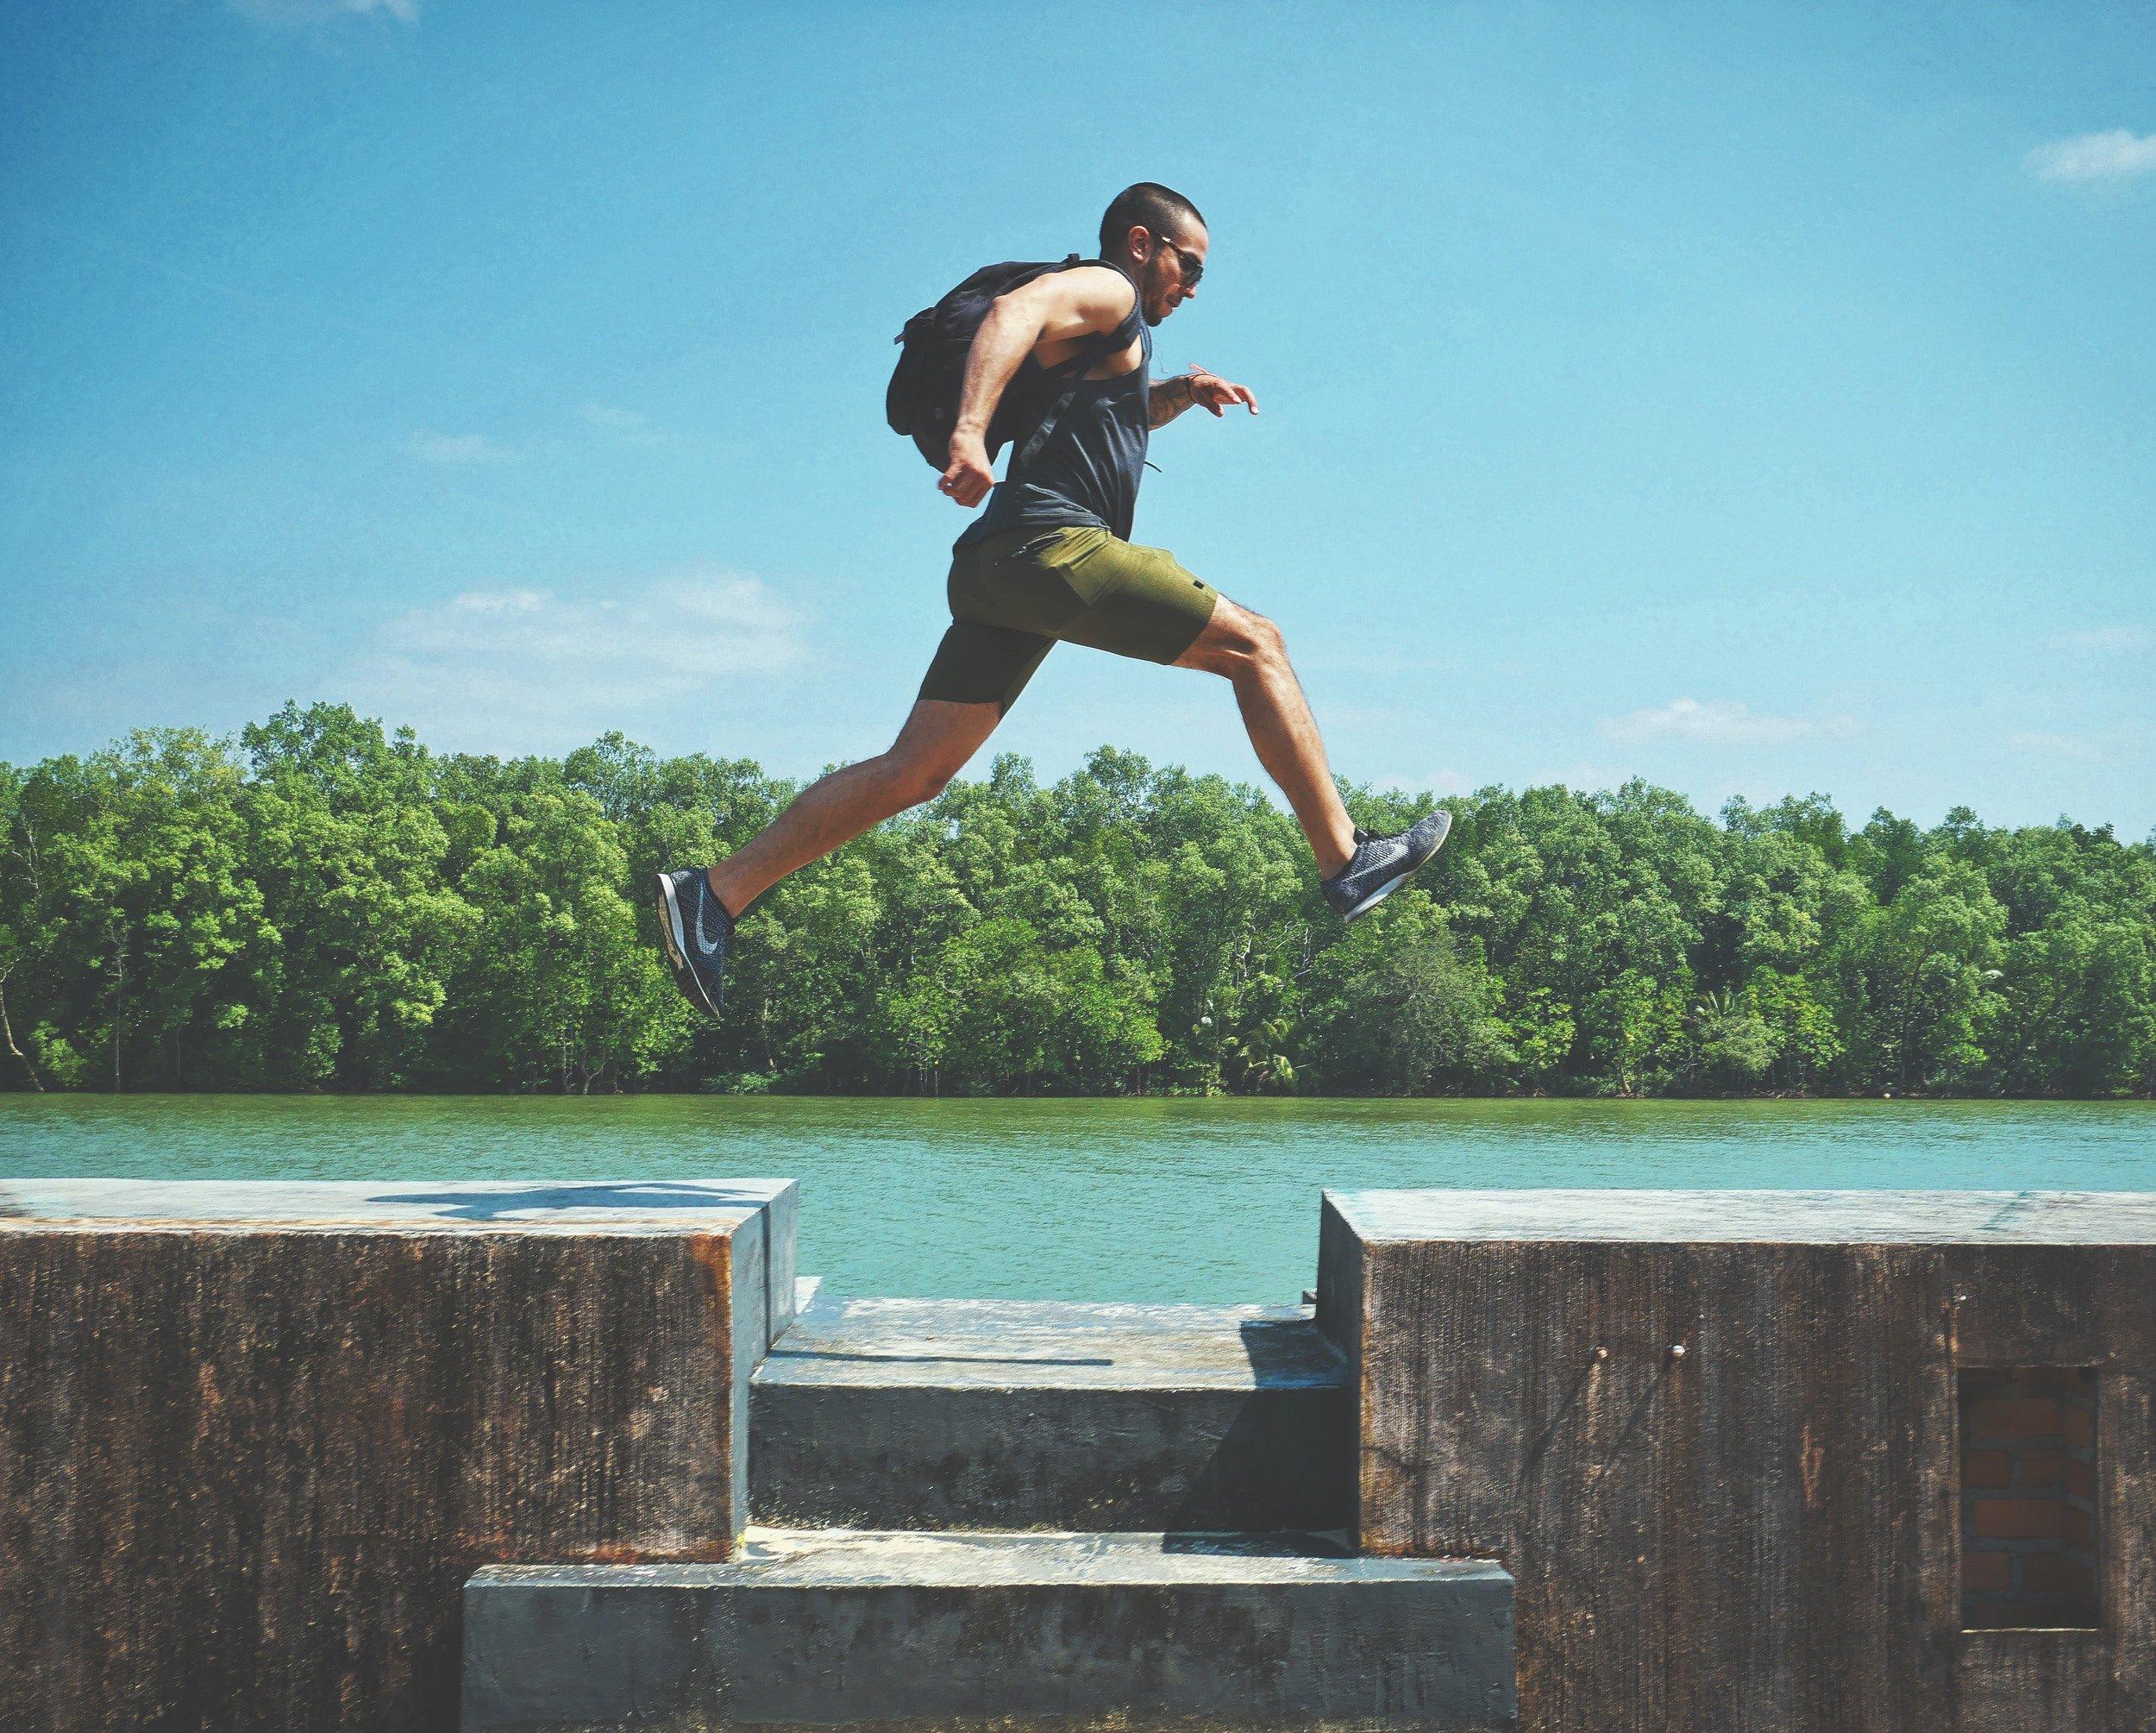 homme en sac à dos sautant au dessus d'un trou, derrière eau et forêt